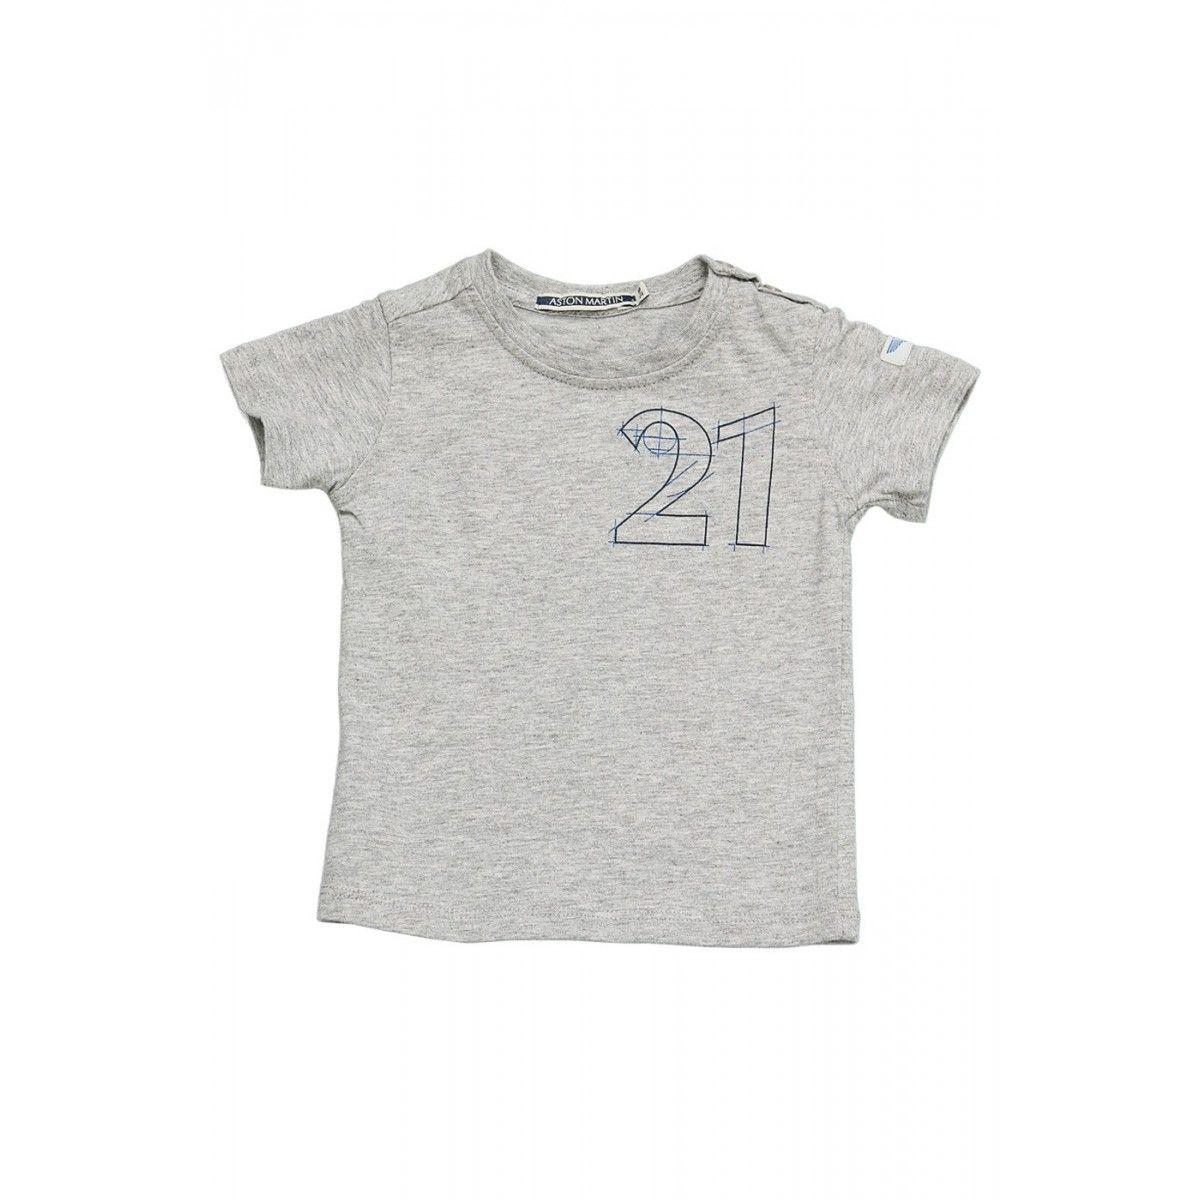 T-shirt manches courtes gris